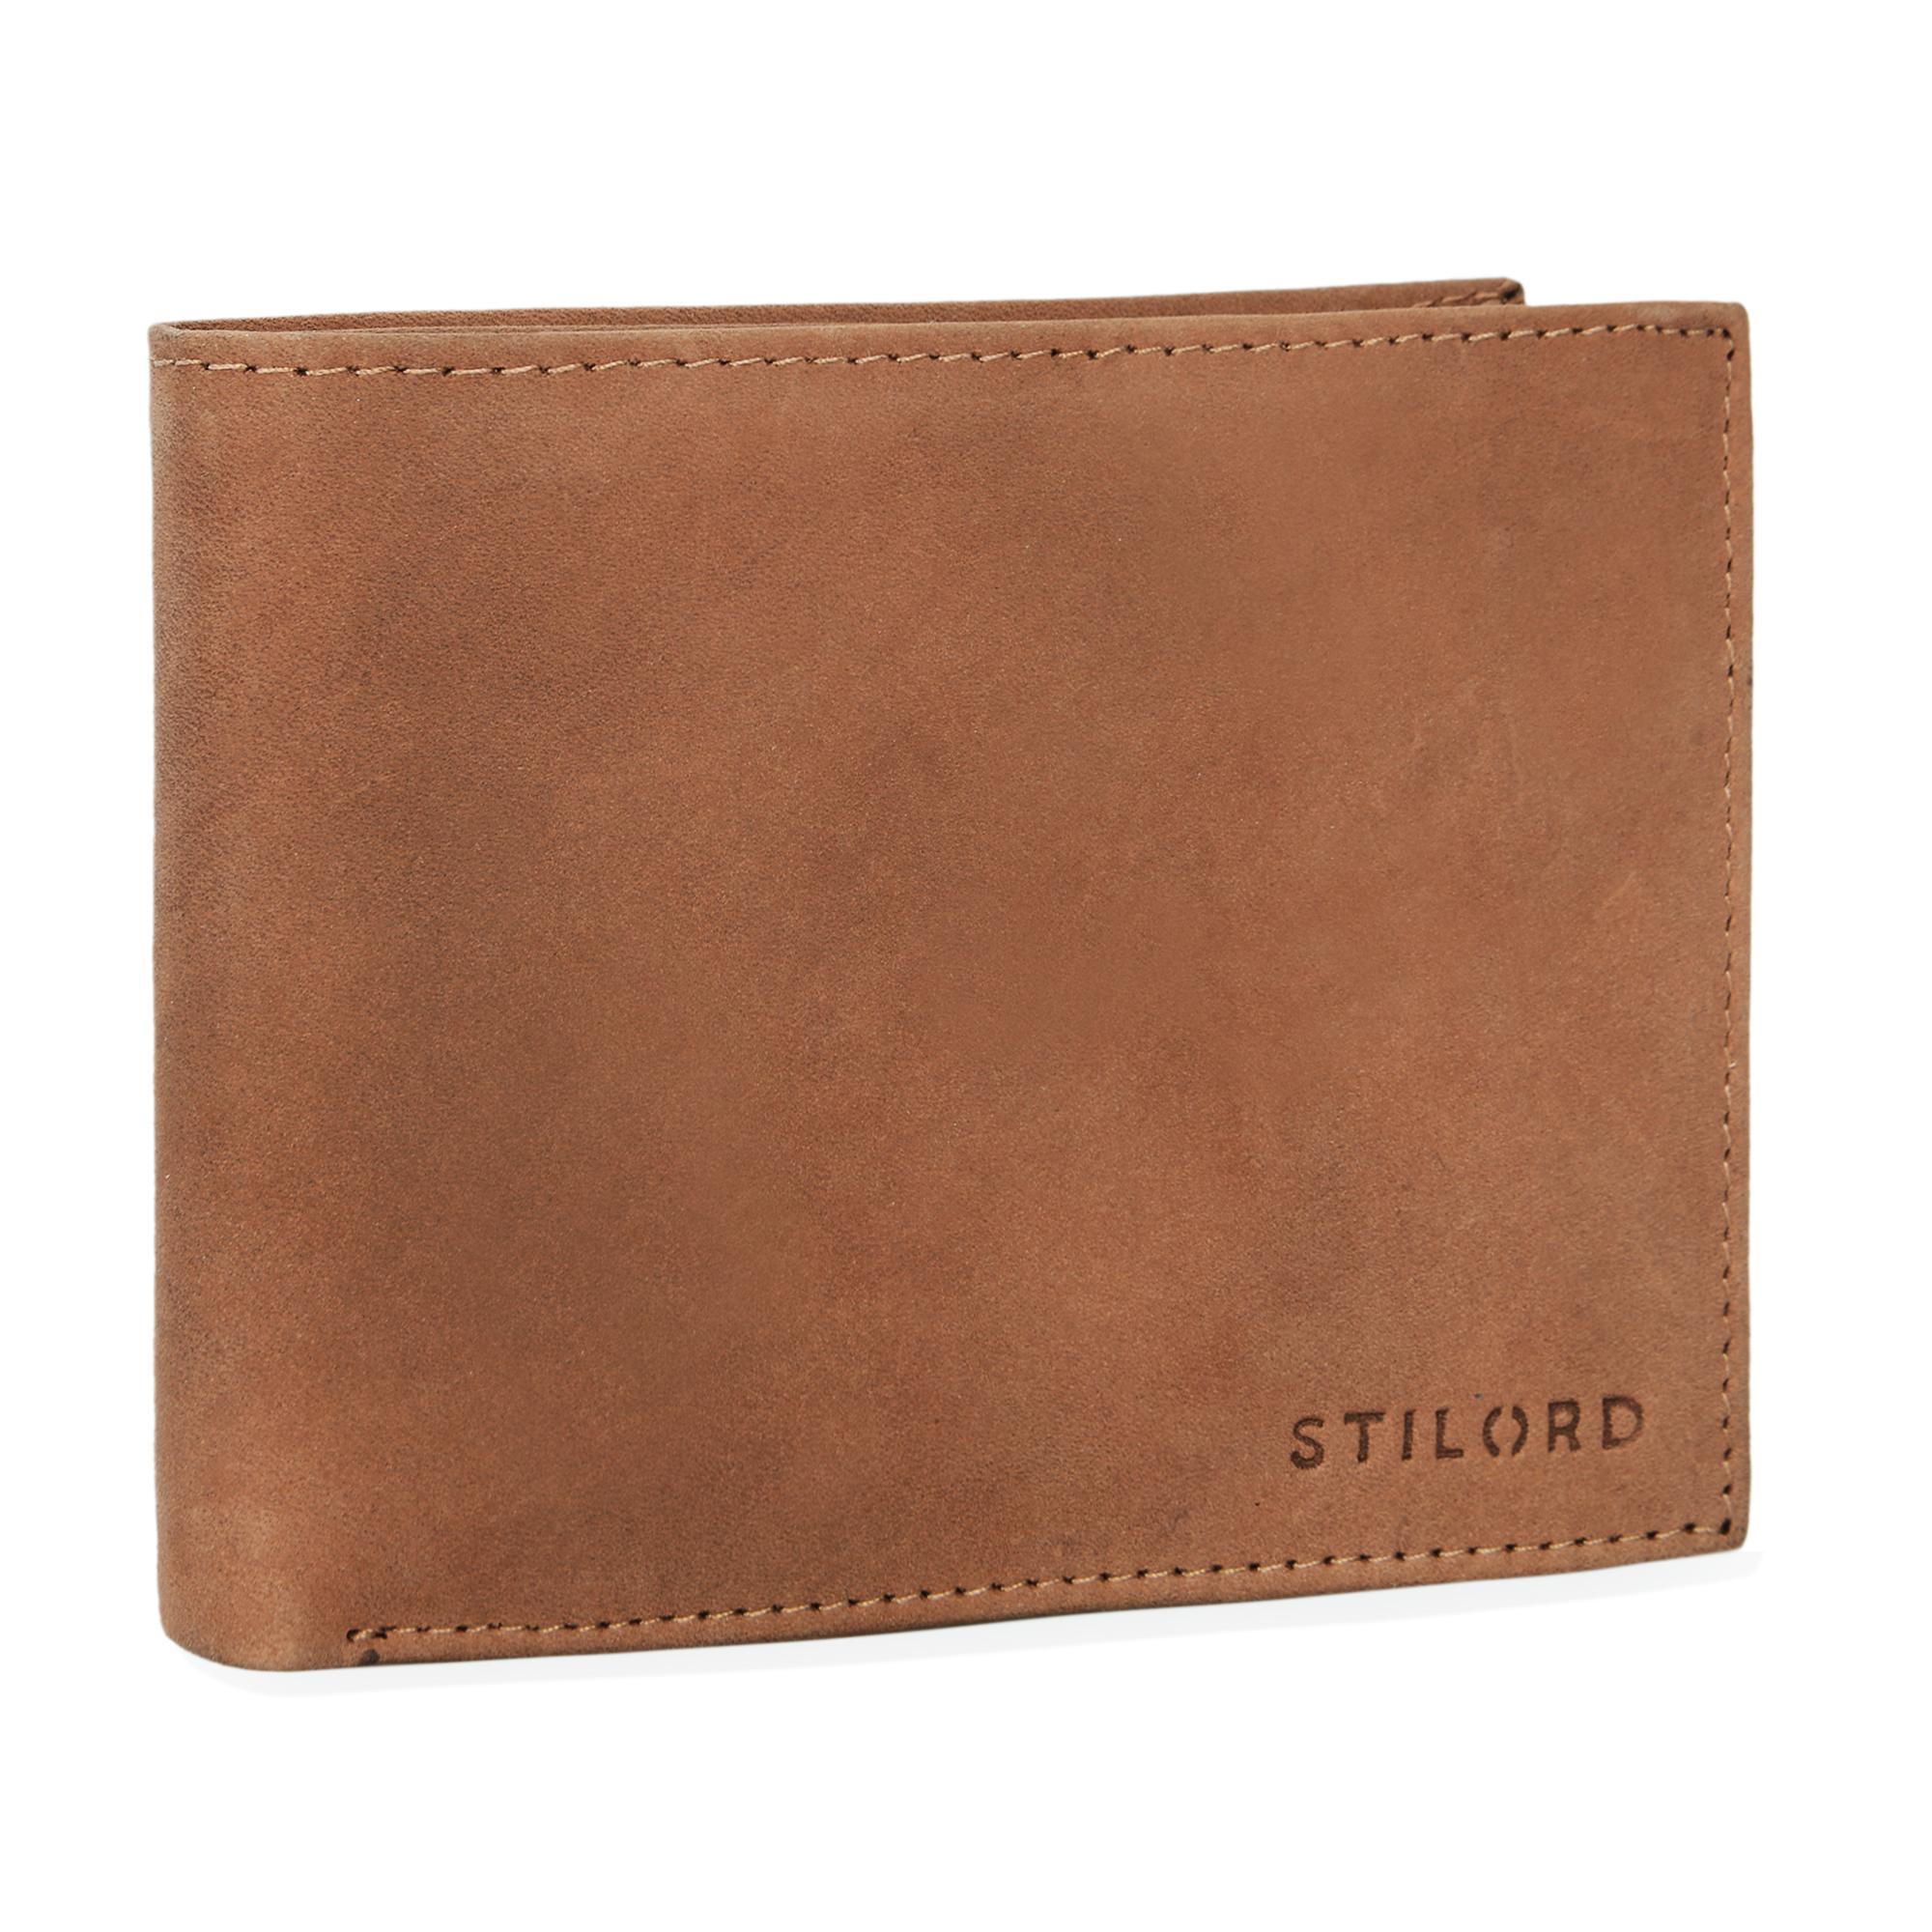 """STILORD """"Emmett"""" Geldbeutel Leder Portemonnaie Geldbörse Herren Damen Brieftasche aus echtem Leder Vintage Design - Bild 16"""